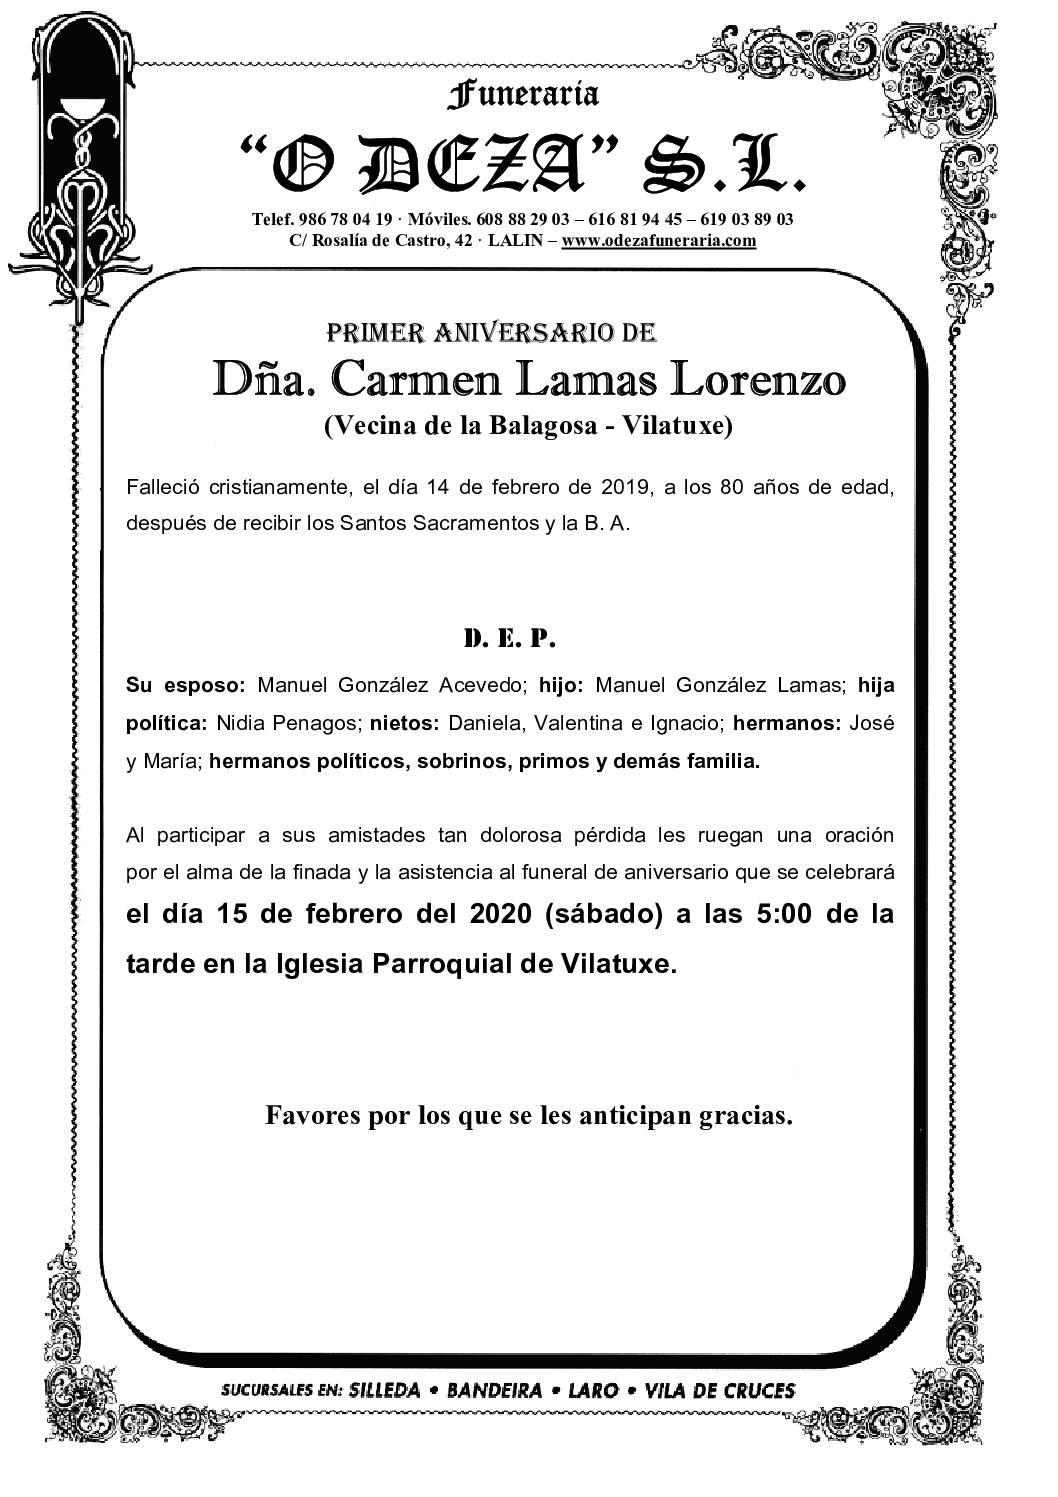 DÑA. CARMEN LAMAS LORENZO